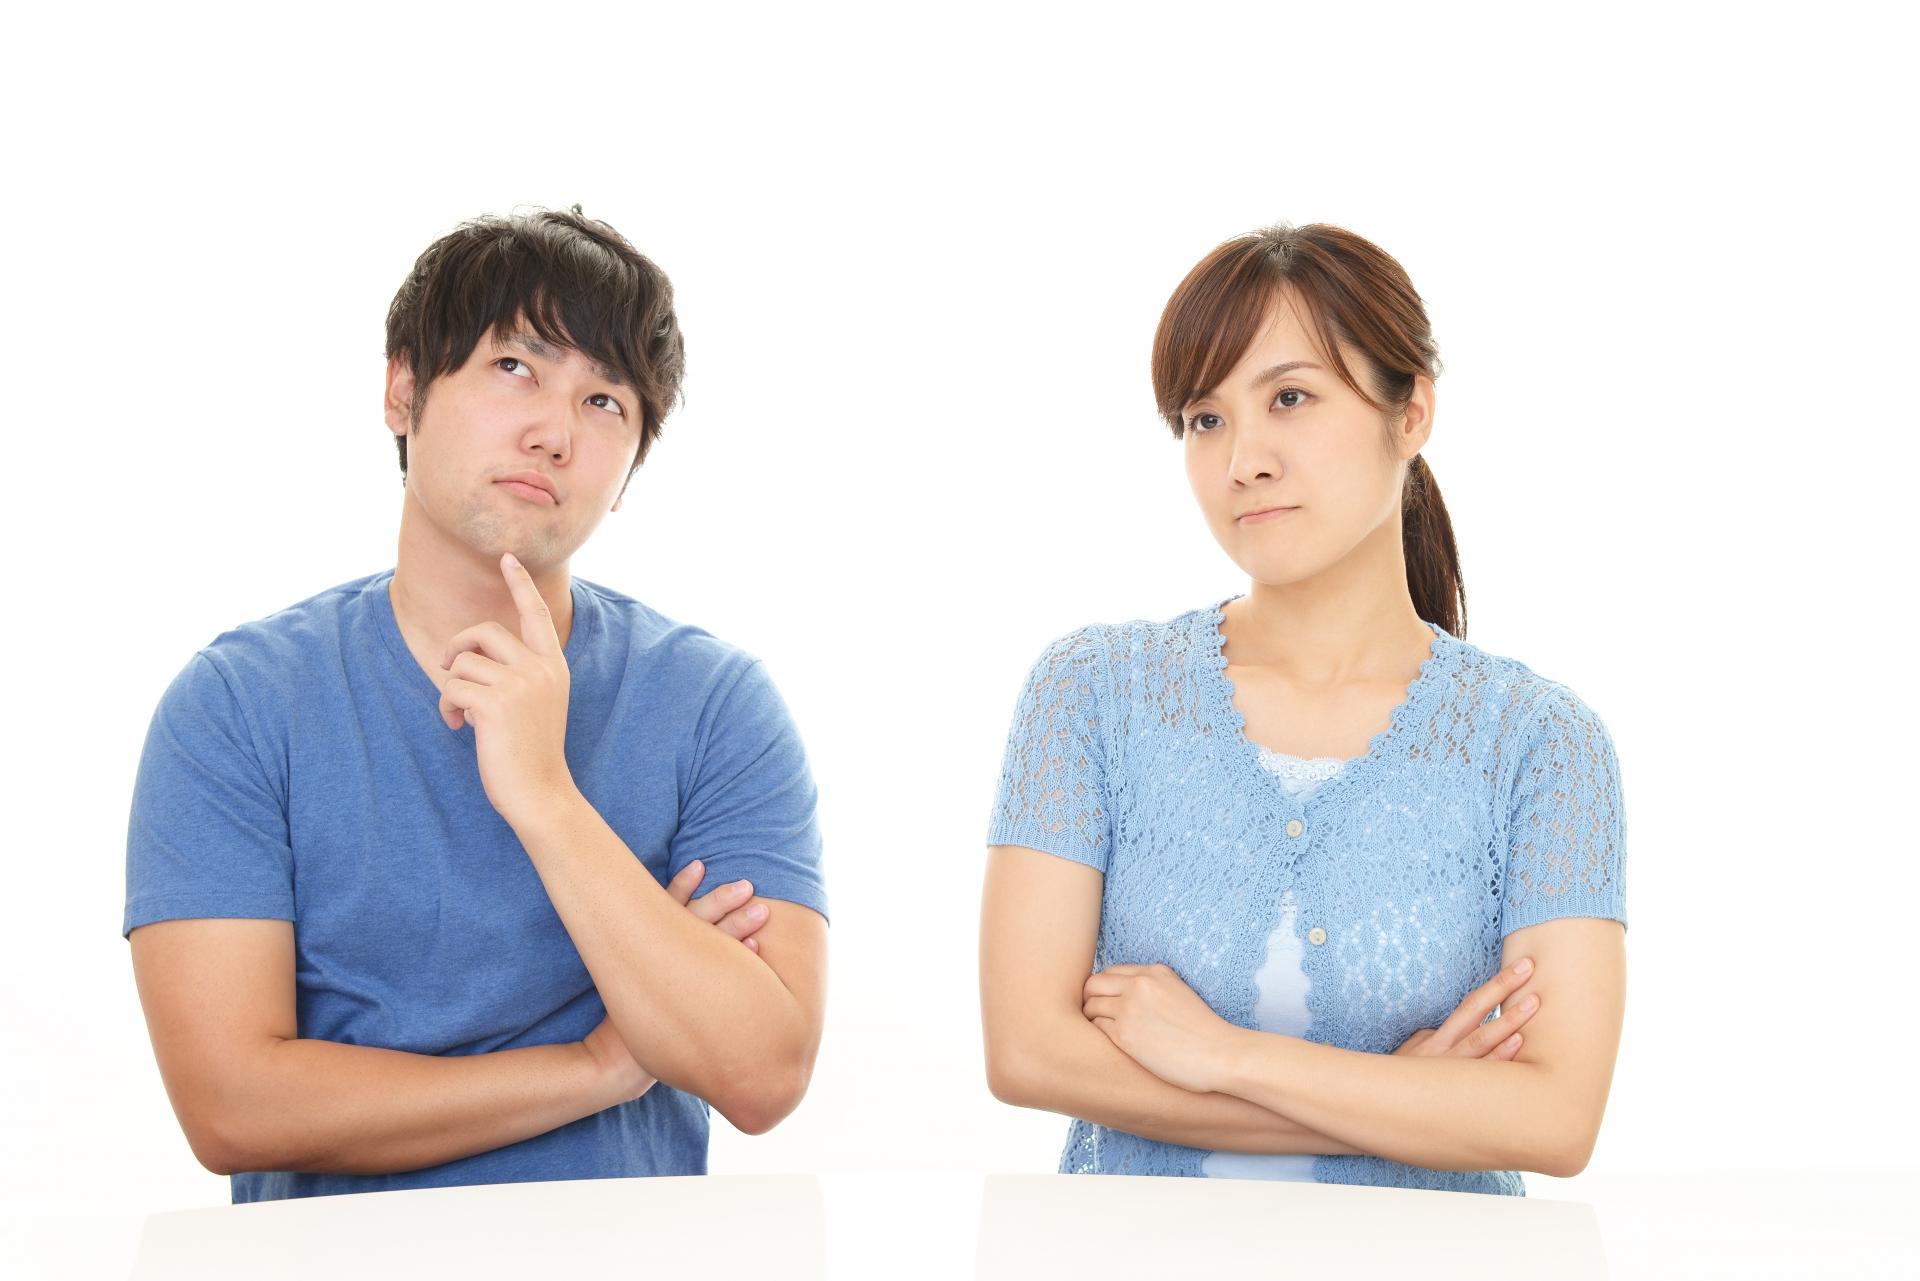 彼氏への自分の気持ちを確かめる方法